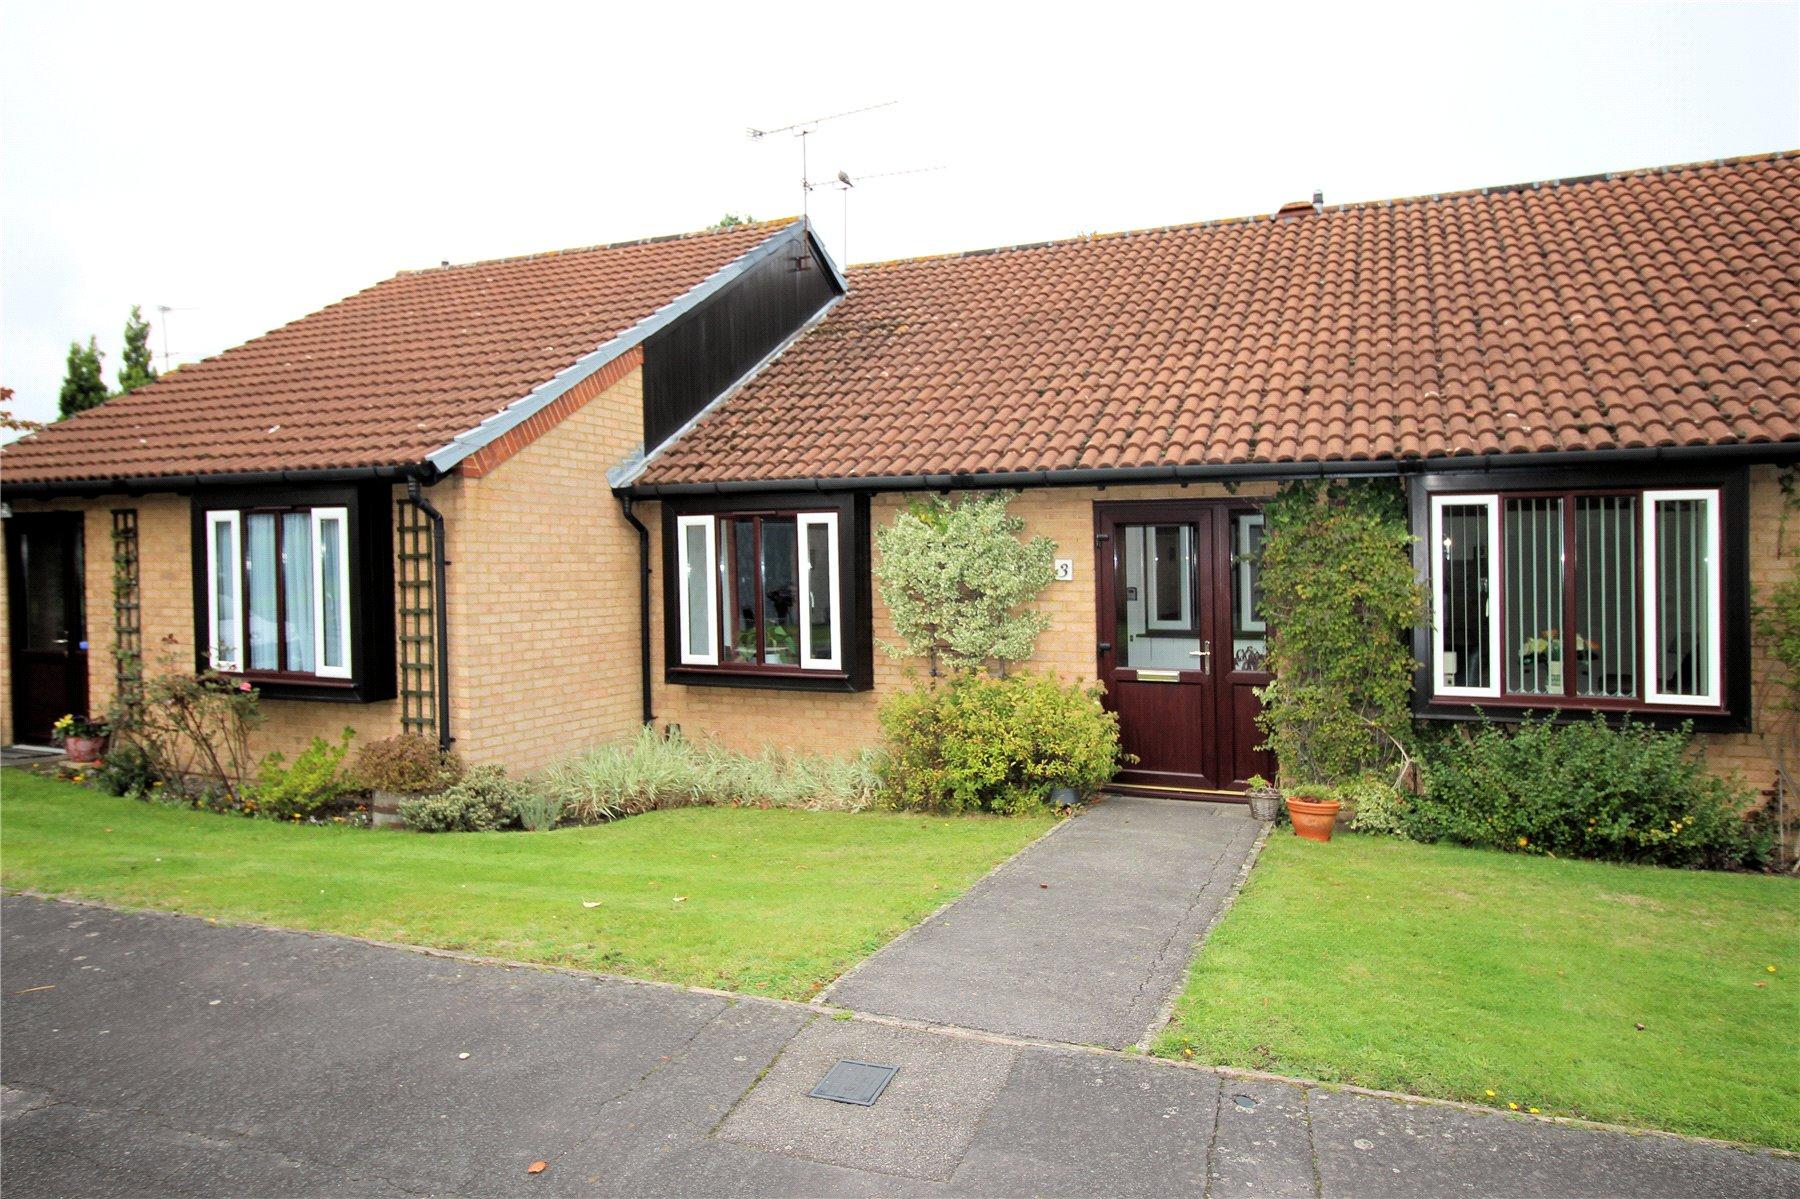 2 Bedrooms Retirement Property for sale in Fairmead, Woking, Surrey, GU21